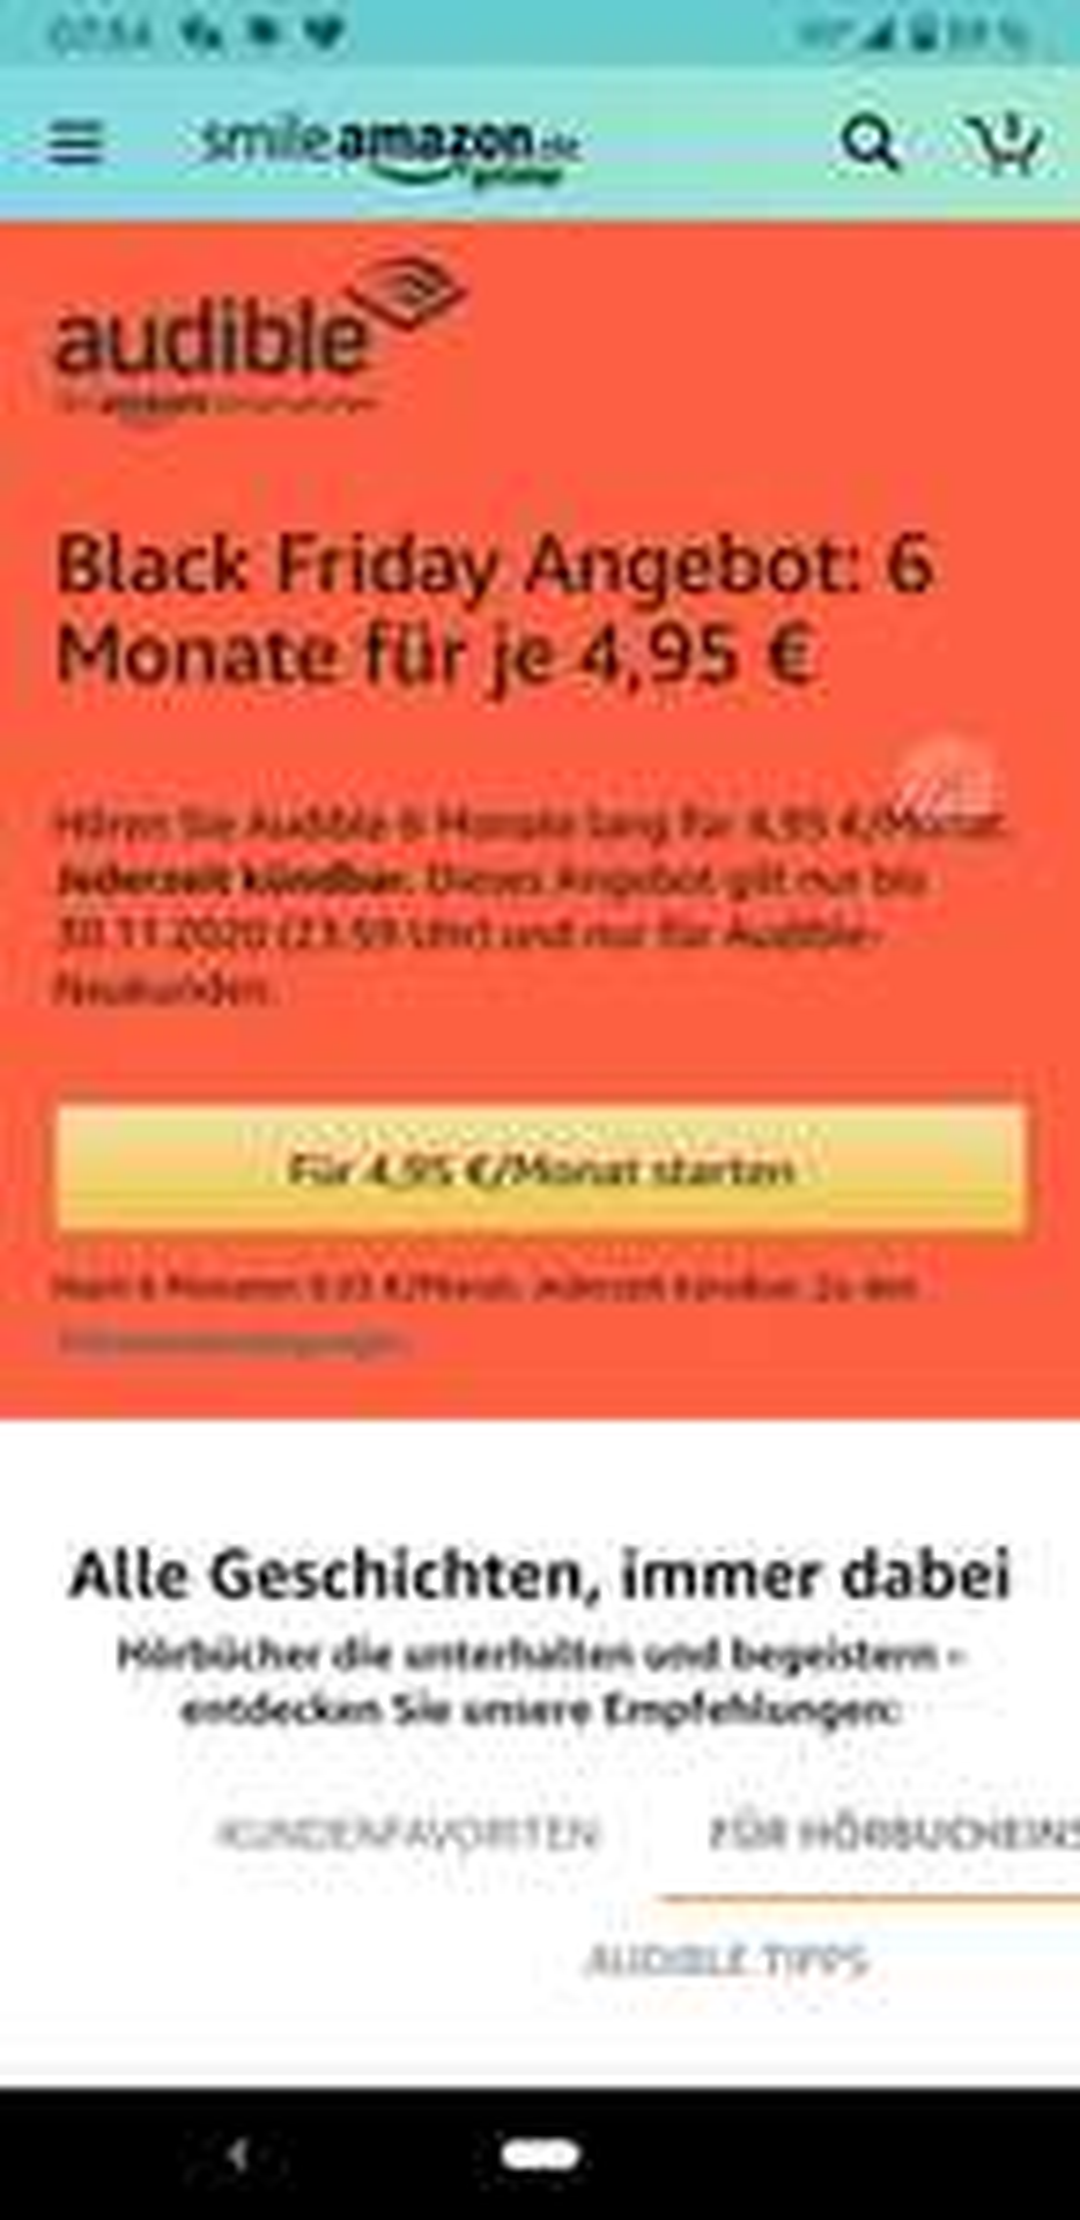 Audible Neukunden: 4,95€/Monat für halbes Jahr [Amazon] [Black Friday]